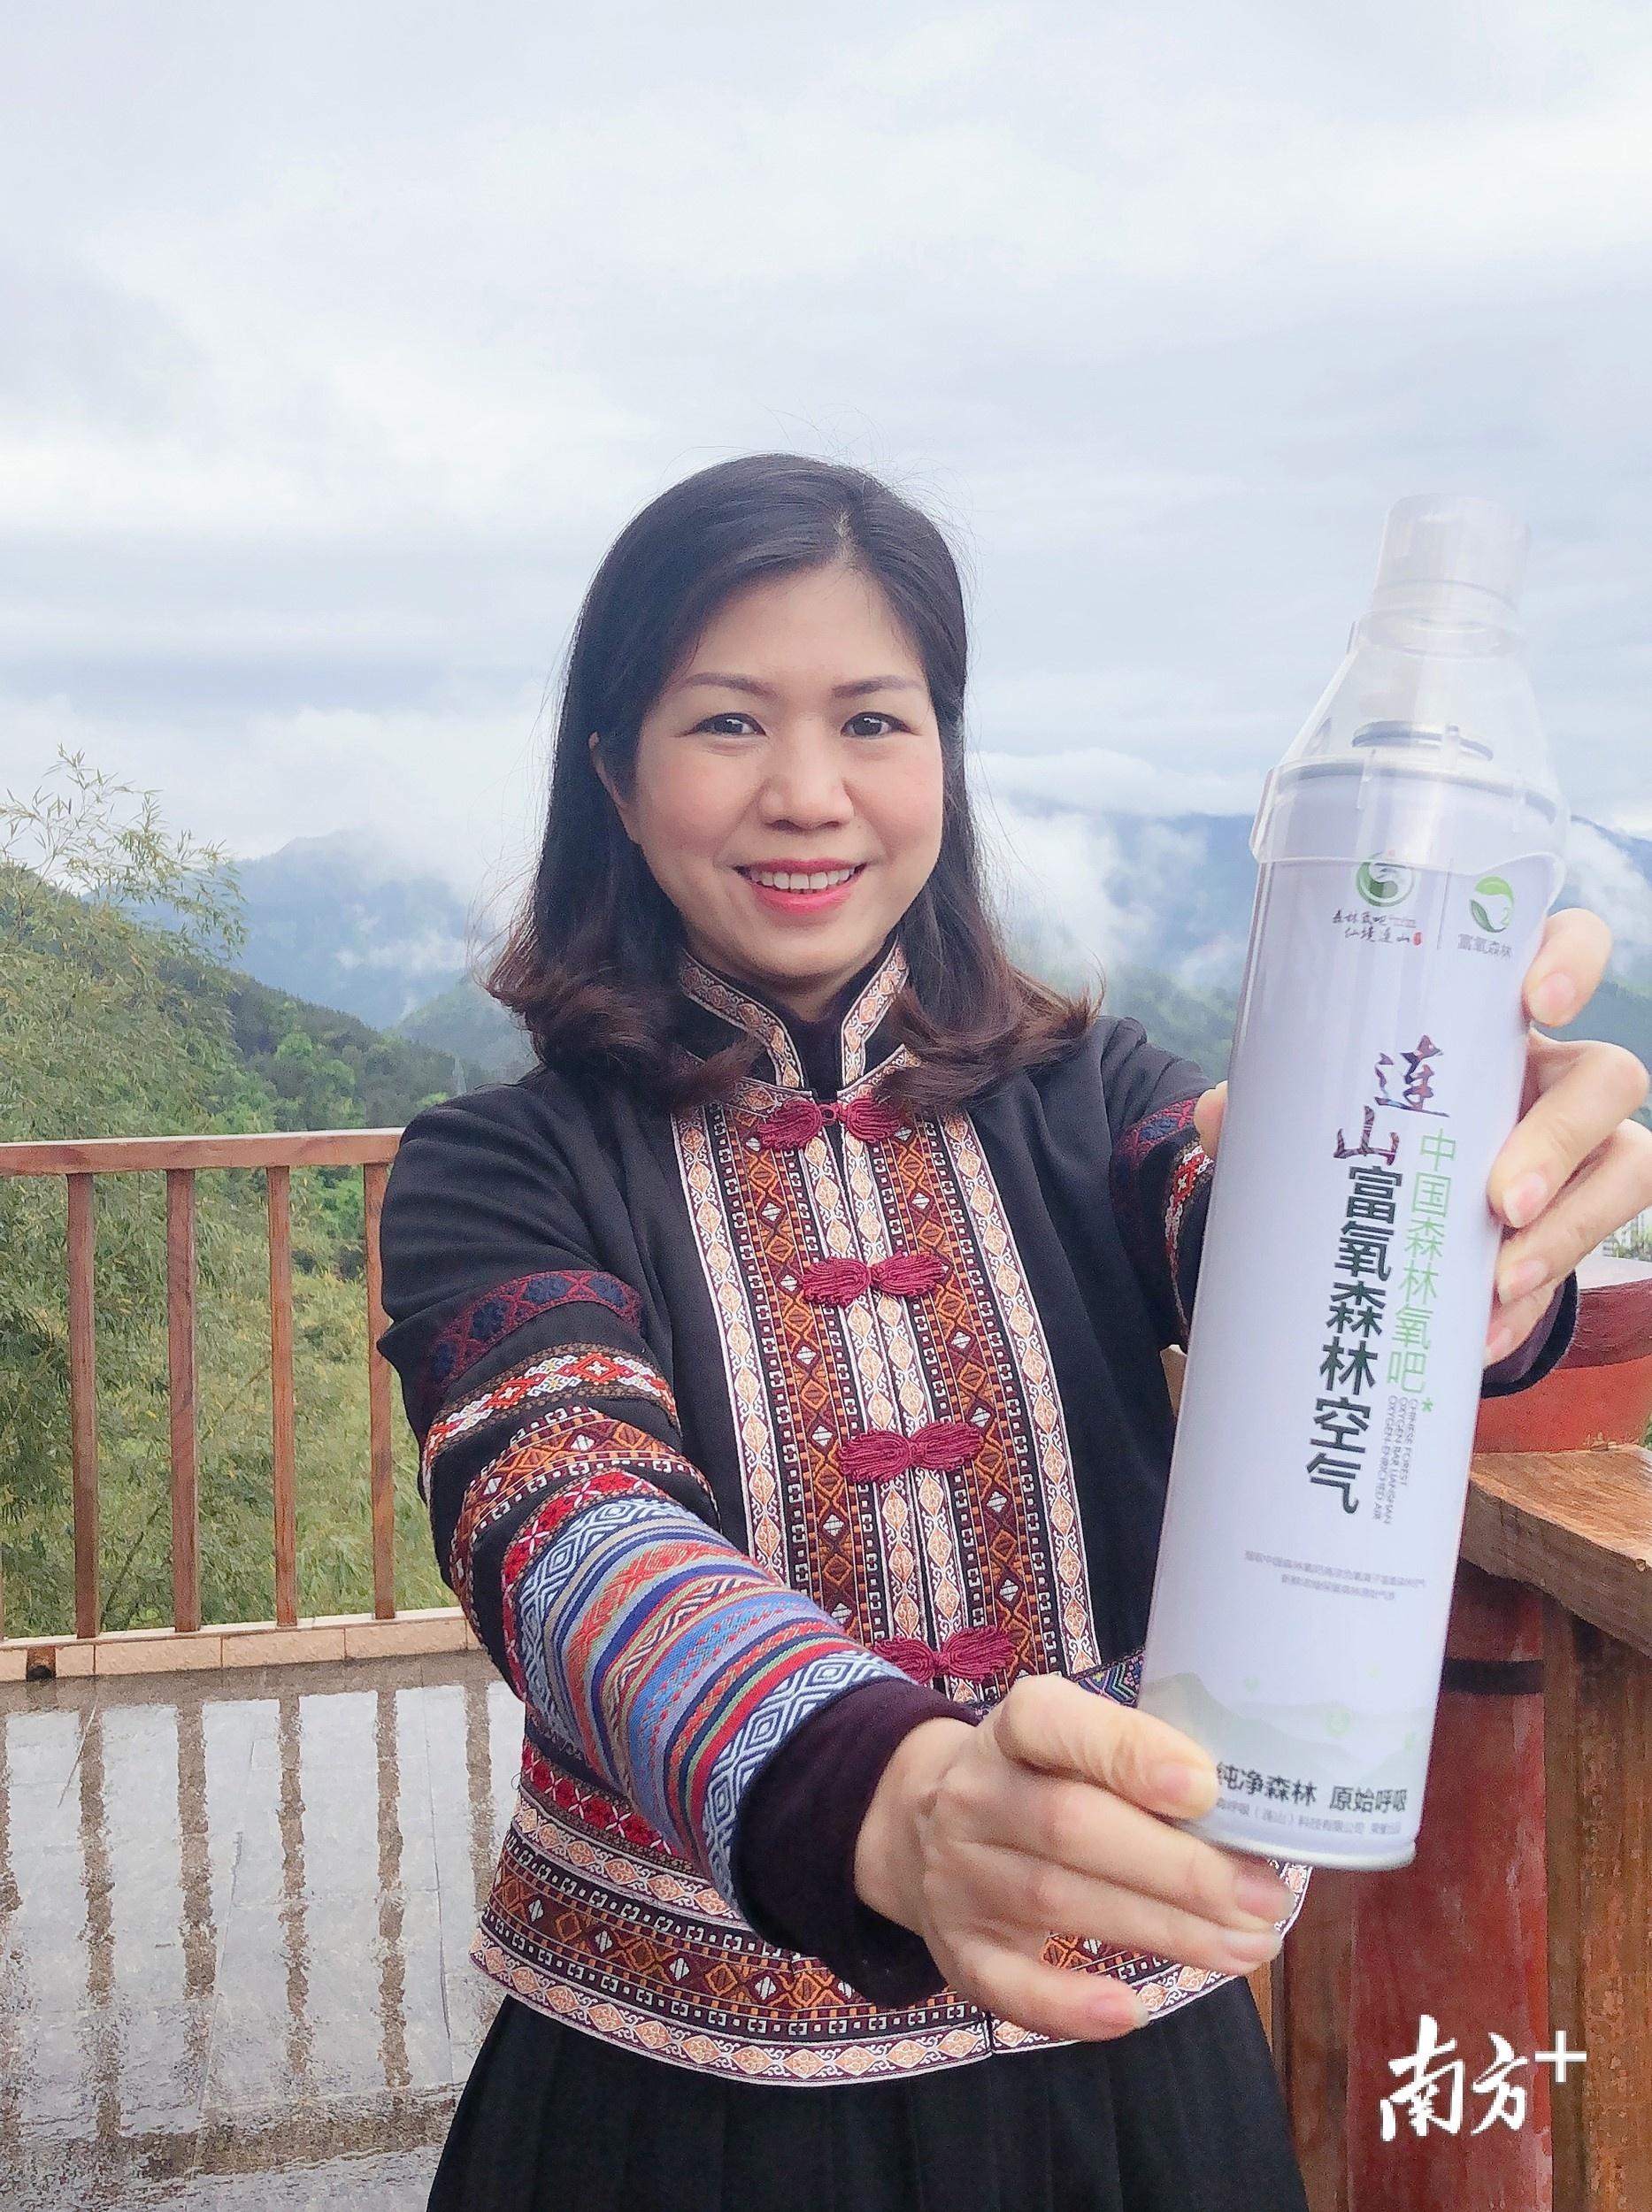 县长冯红云带货售卖连山富氧森林空气。